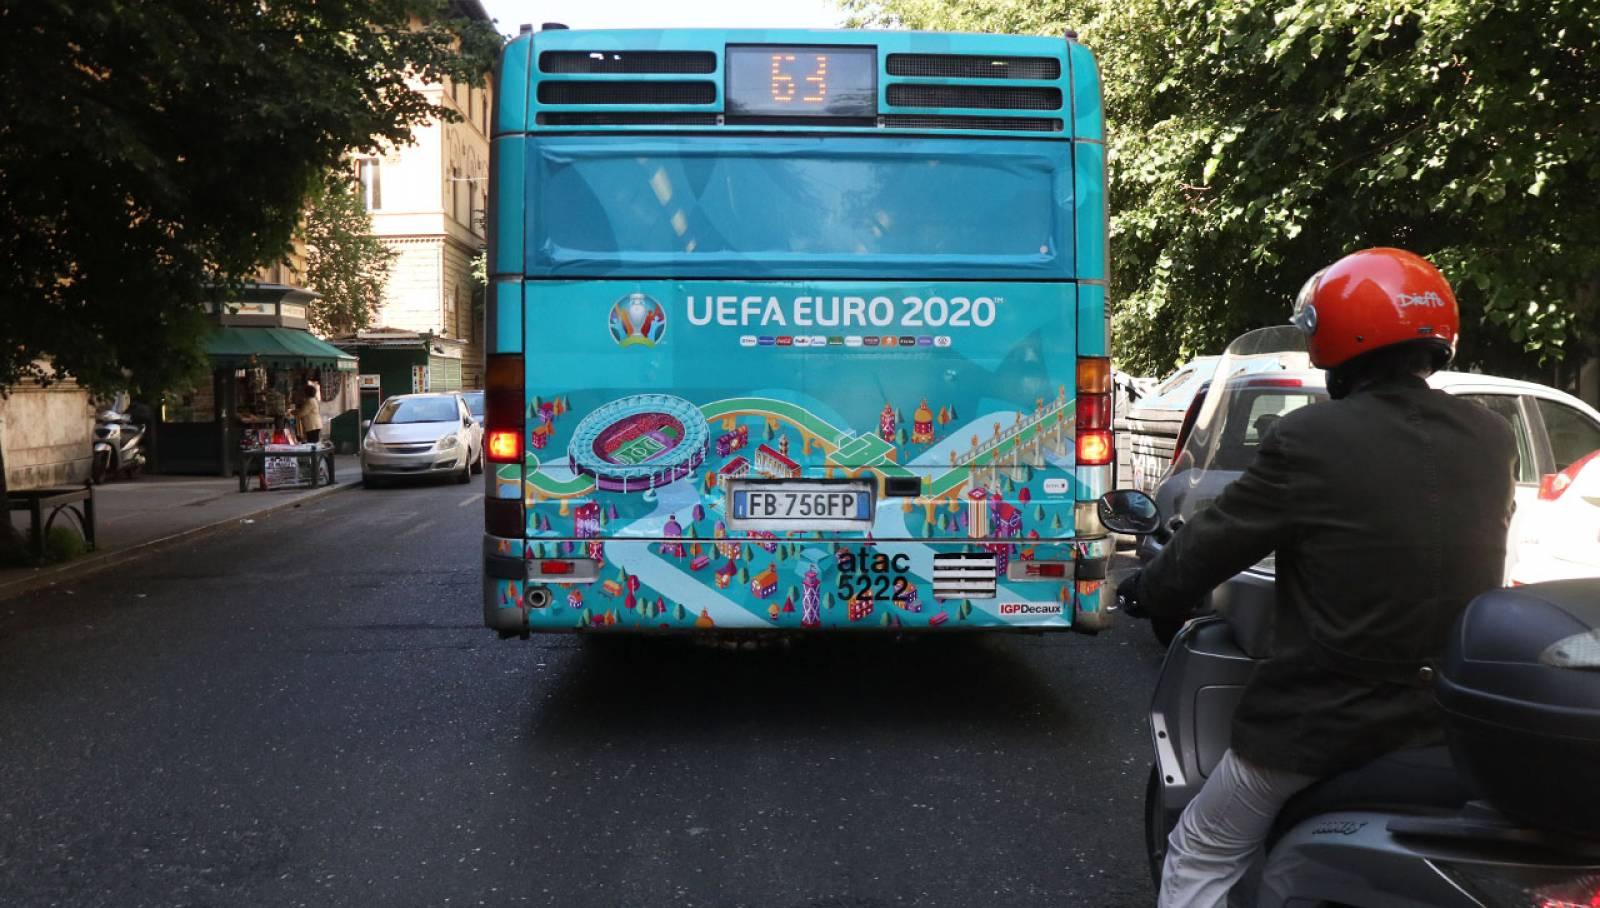 Pubblicità su autobus IGPDecaux Full-Back per UEFA 2020 a Roma